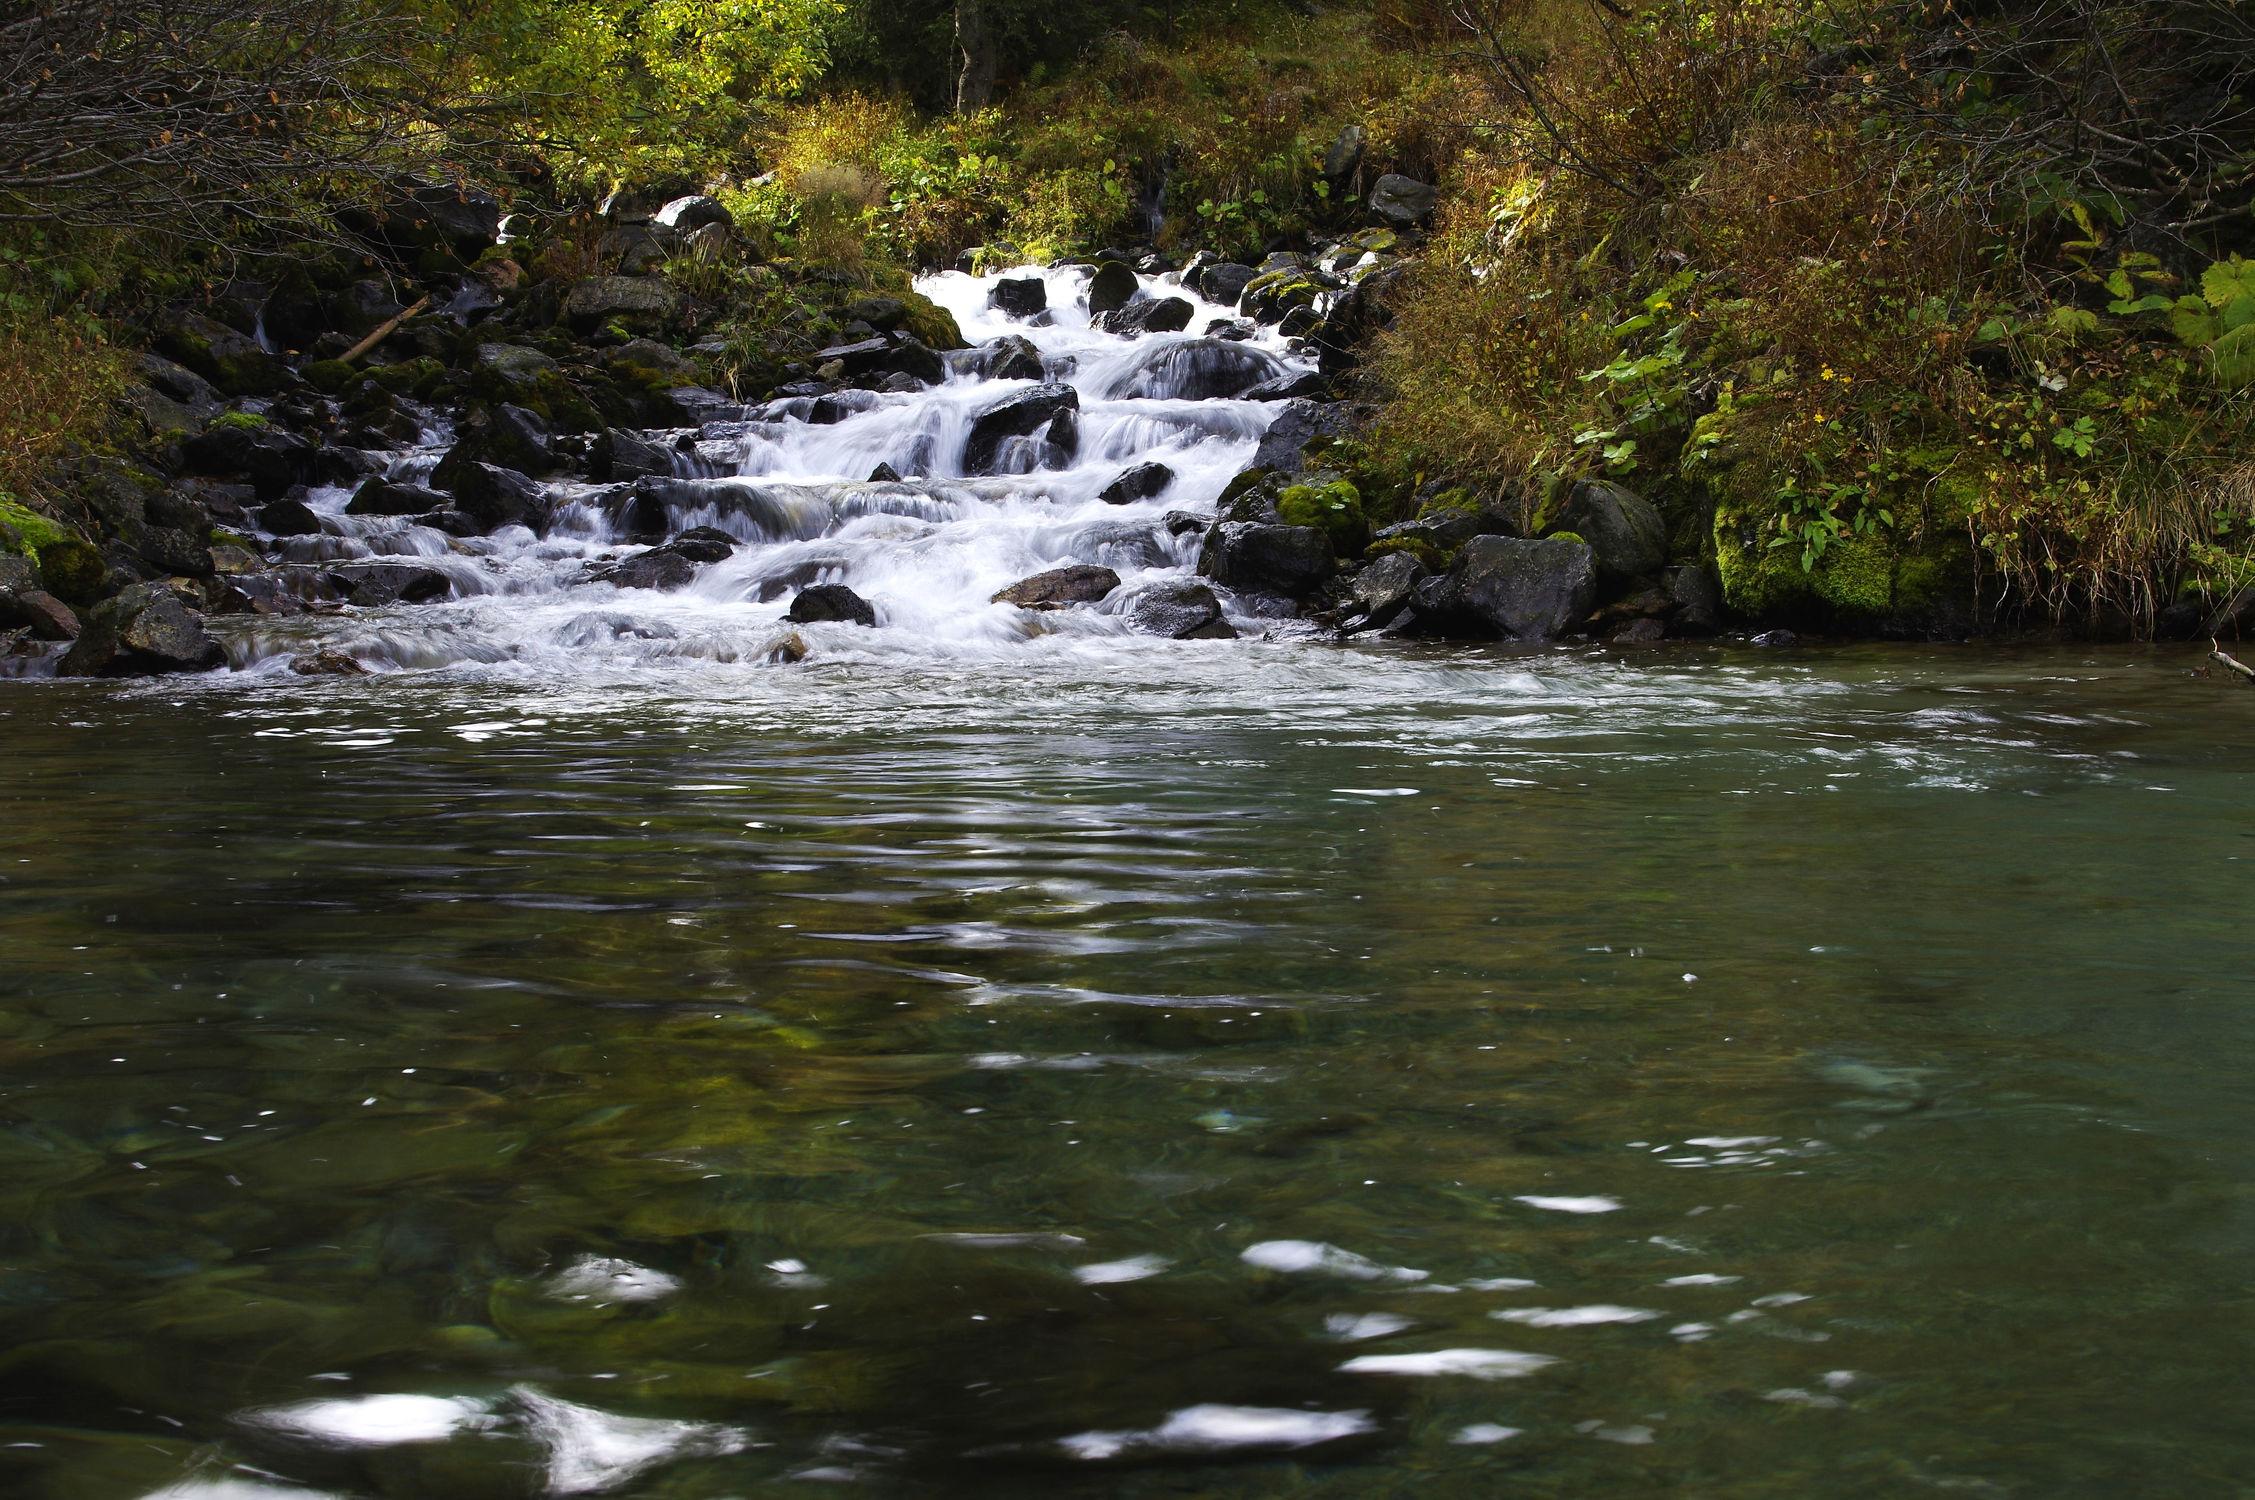 Bild mit Natur, Landschaften, Wälder, Flüsse, Felsen, Wald, Landschaft, Steine, Bach, Wasserfall, Fluss, Gestein, Bäche, Fels